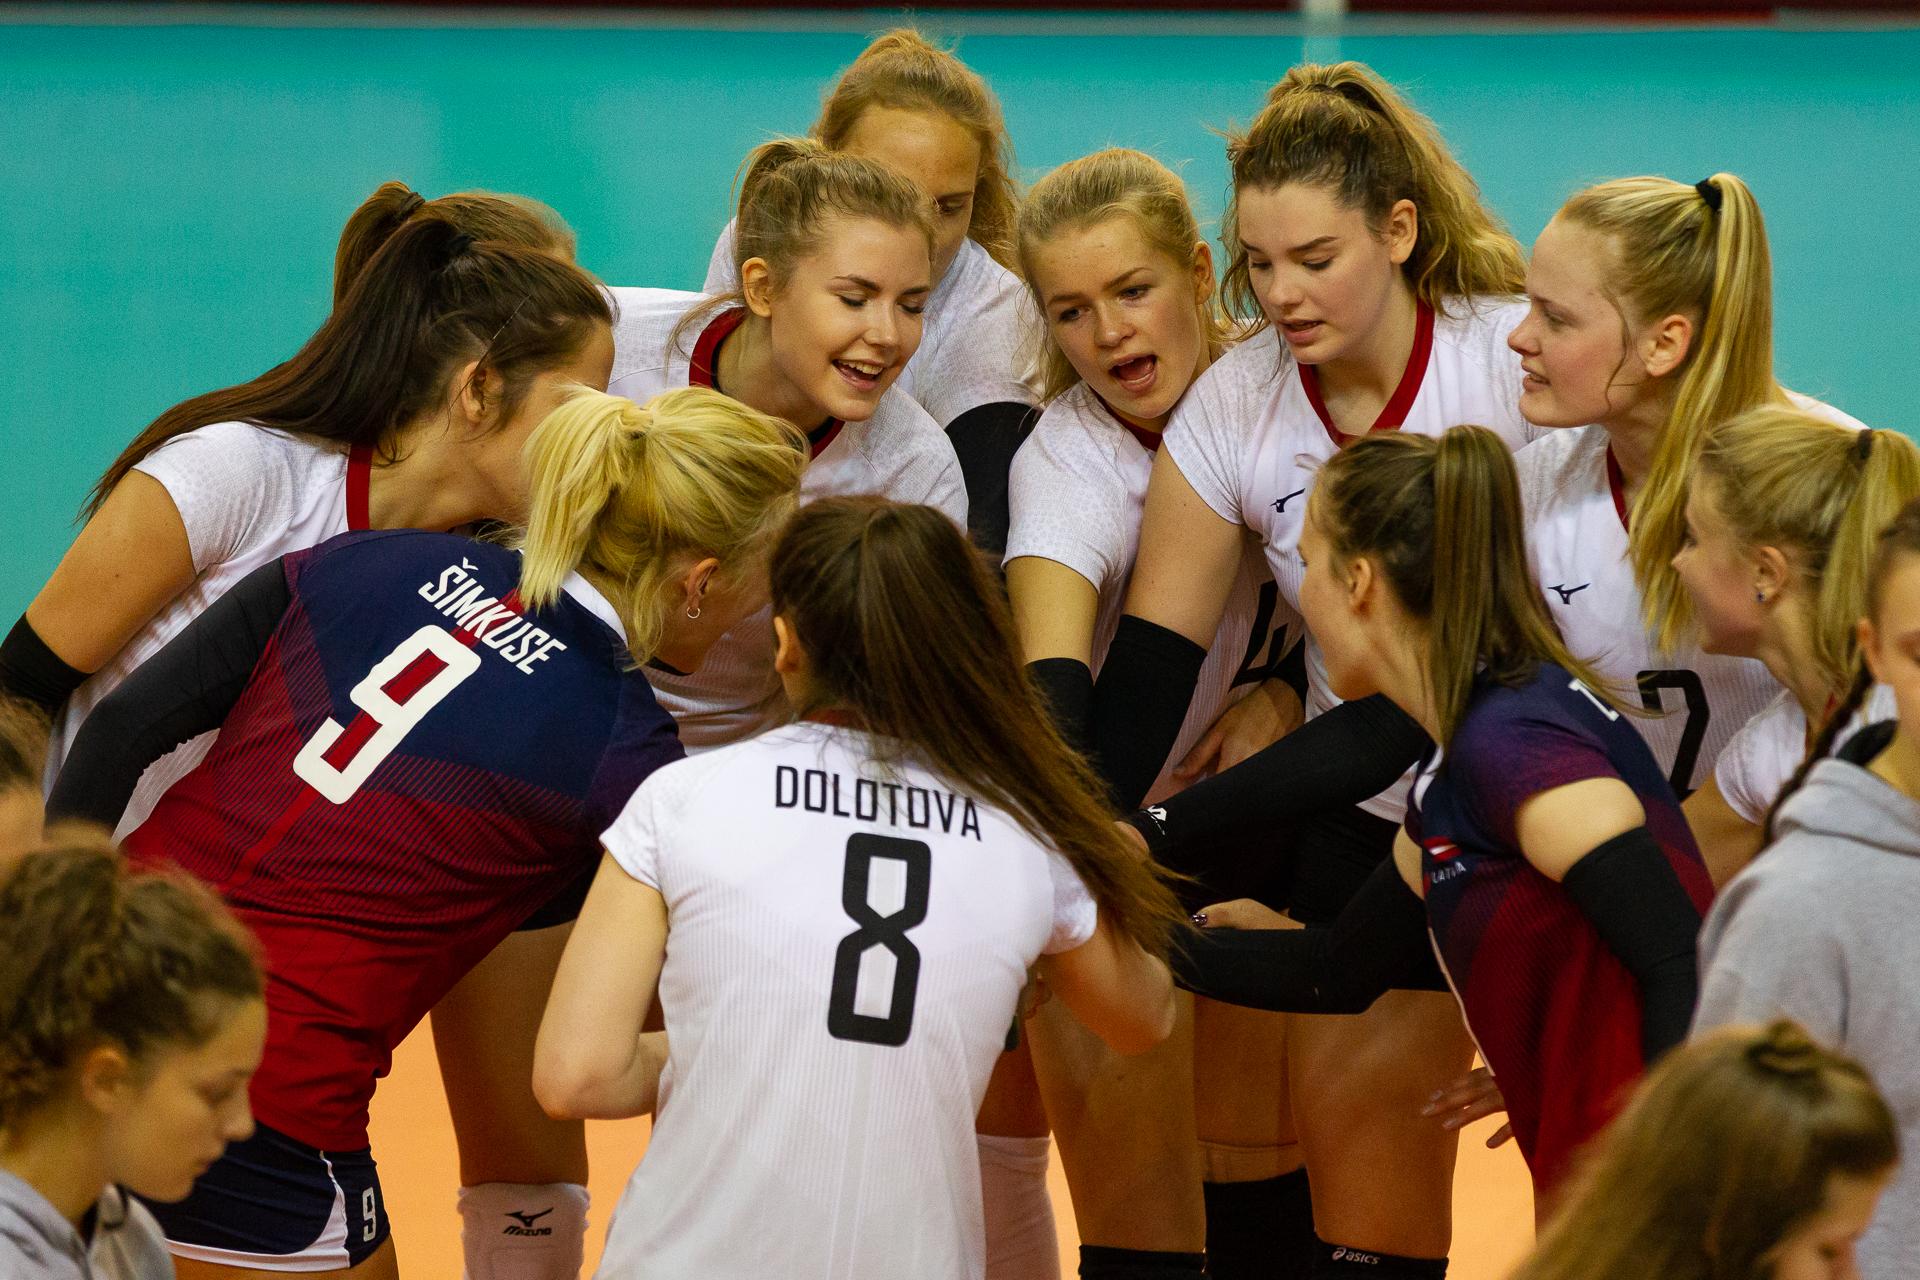 Volejbolisti Eiropas Sudraba līgas spēles aizvadīs Liepājā un Daugavpilī